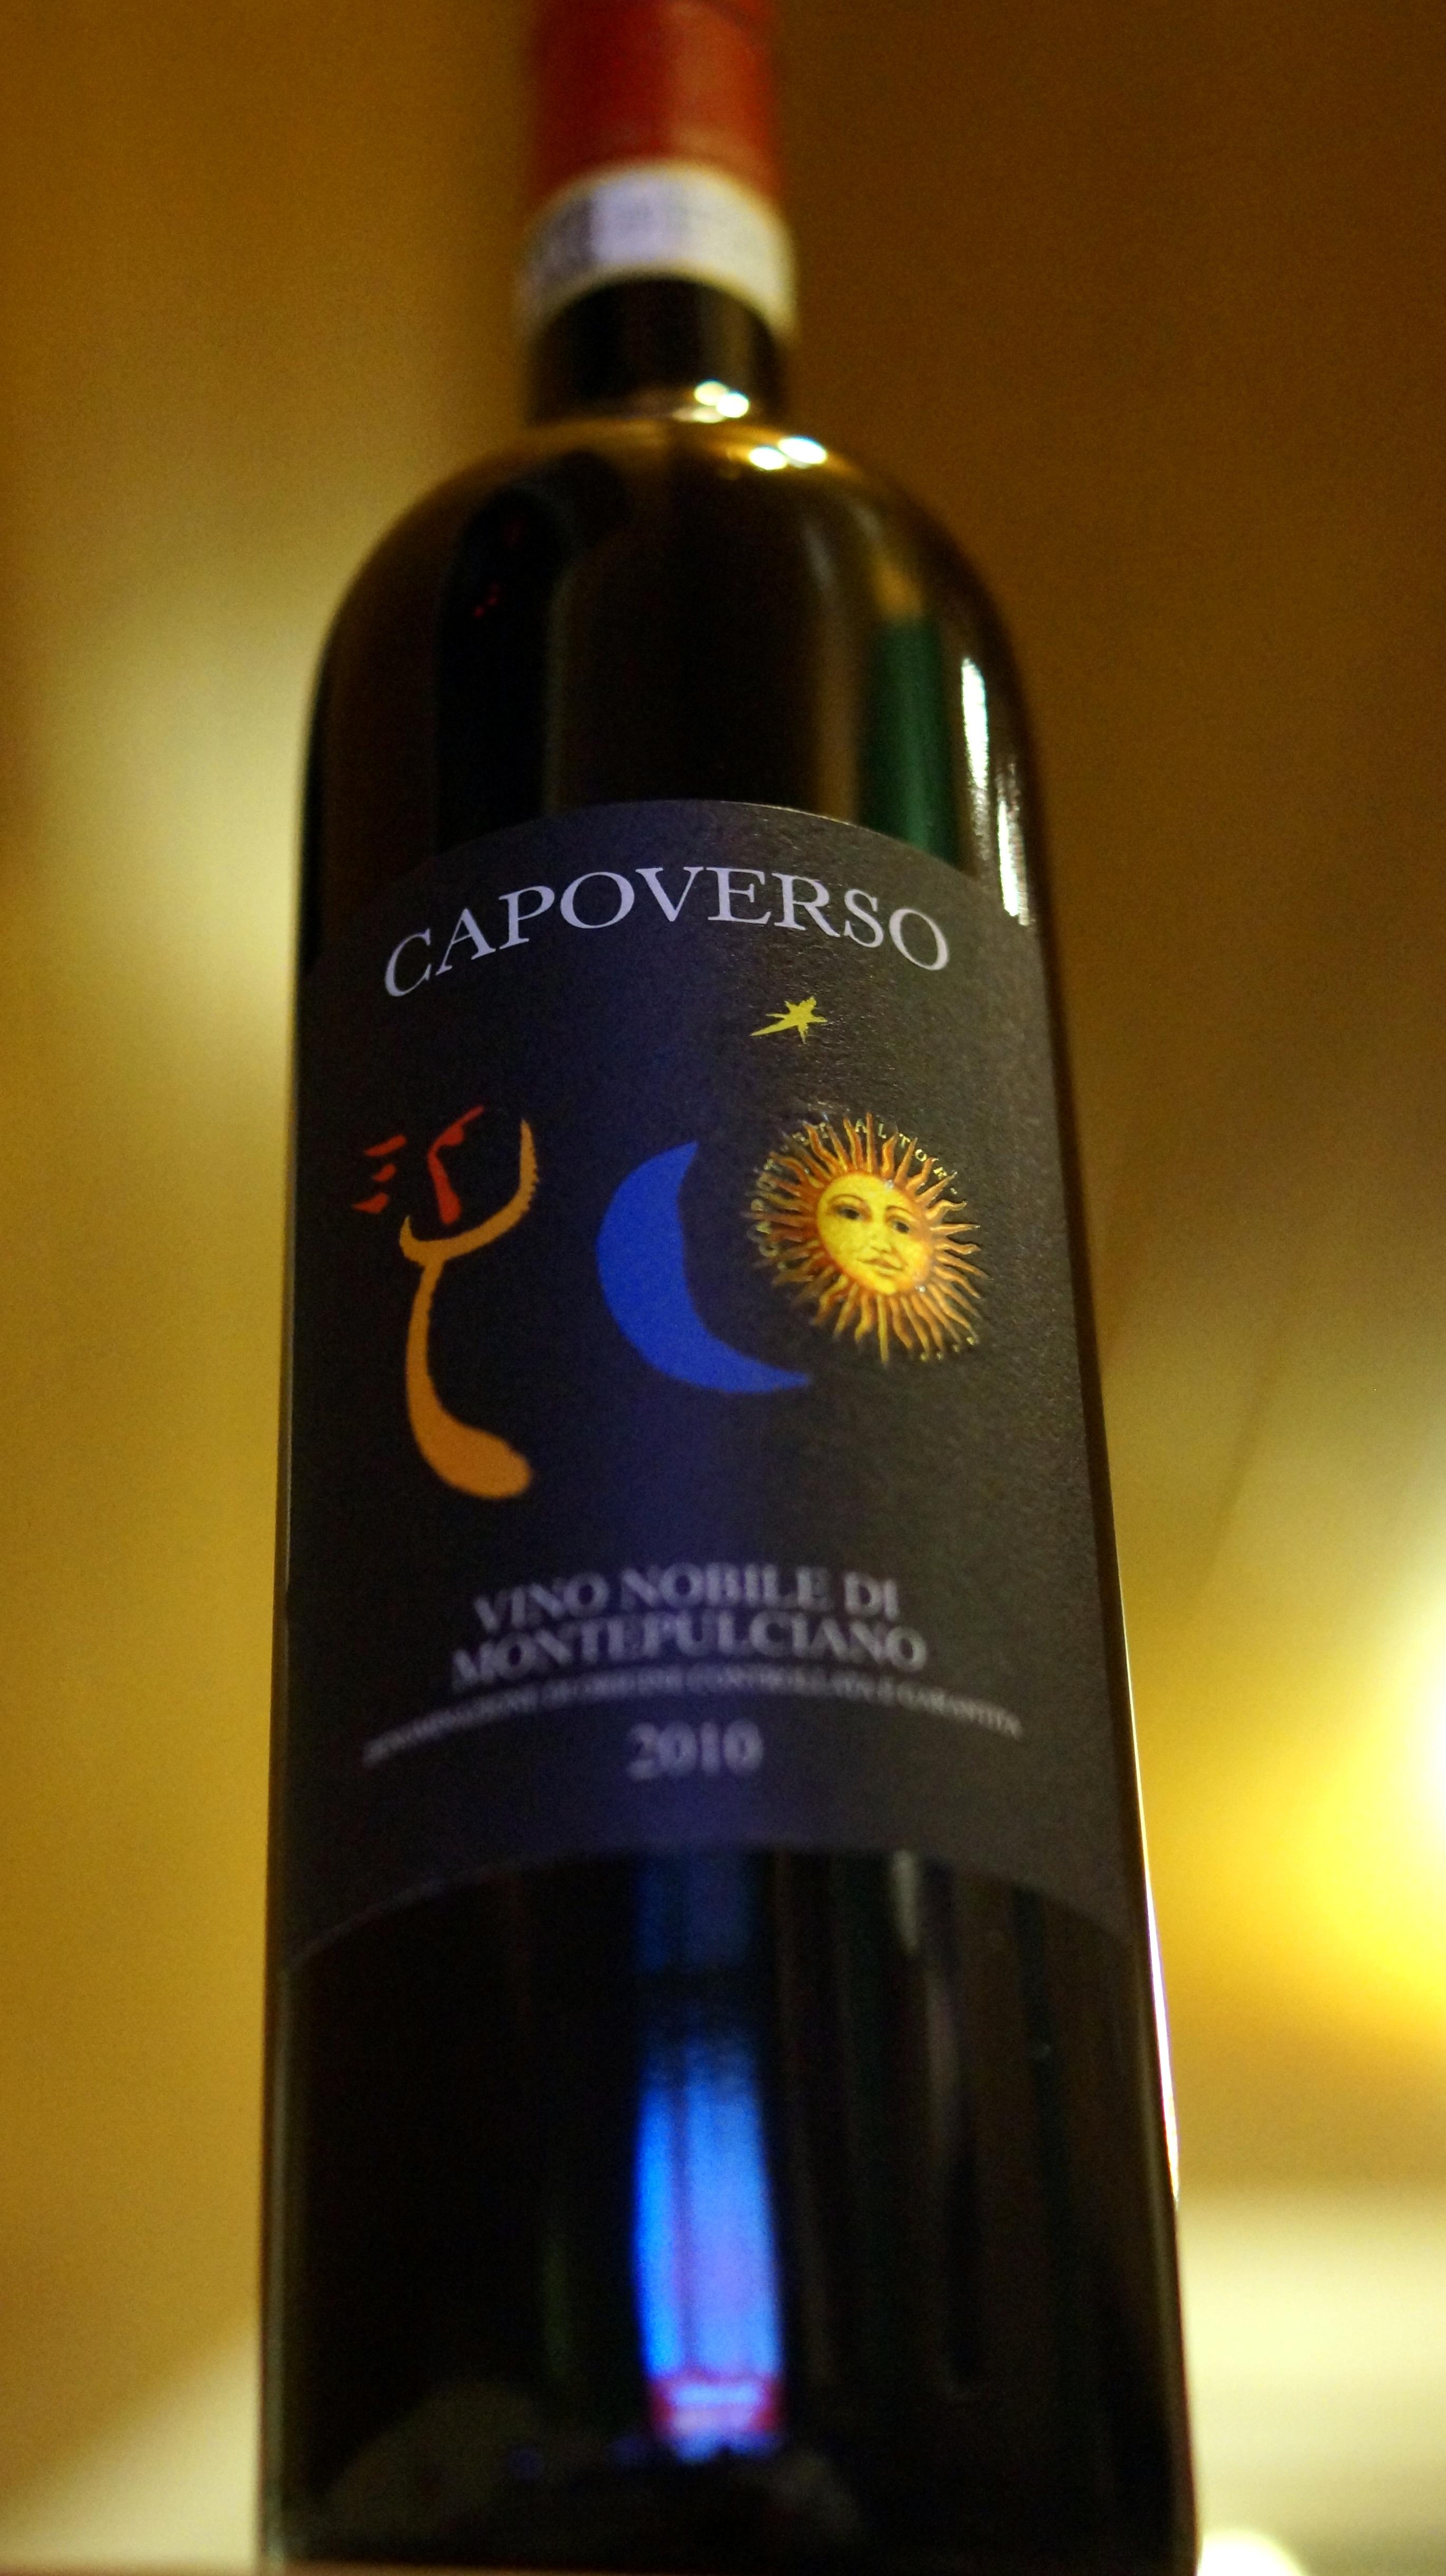 2010 Vino Nobile di Montepulciano DOCG, Capoverso (1)